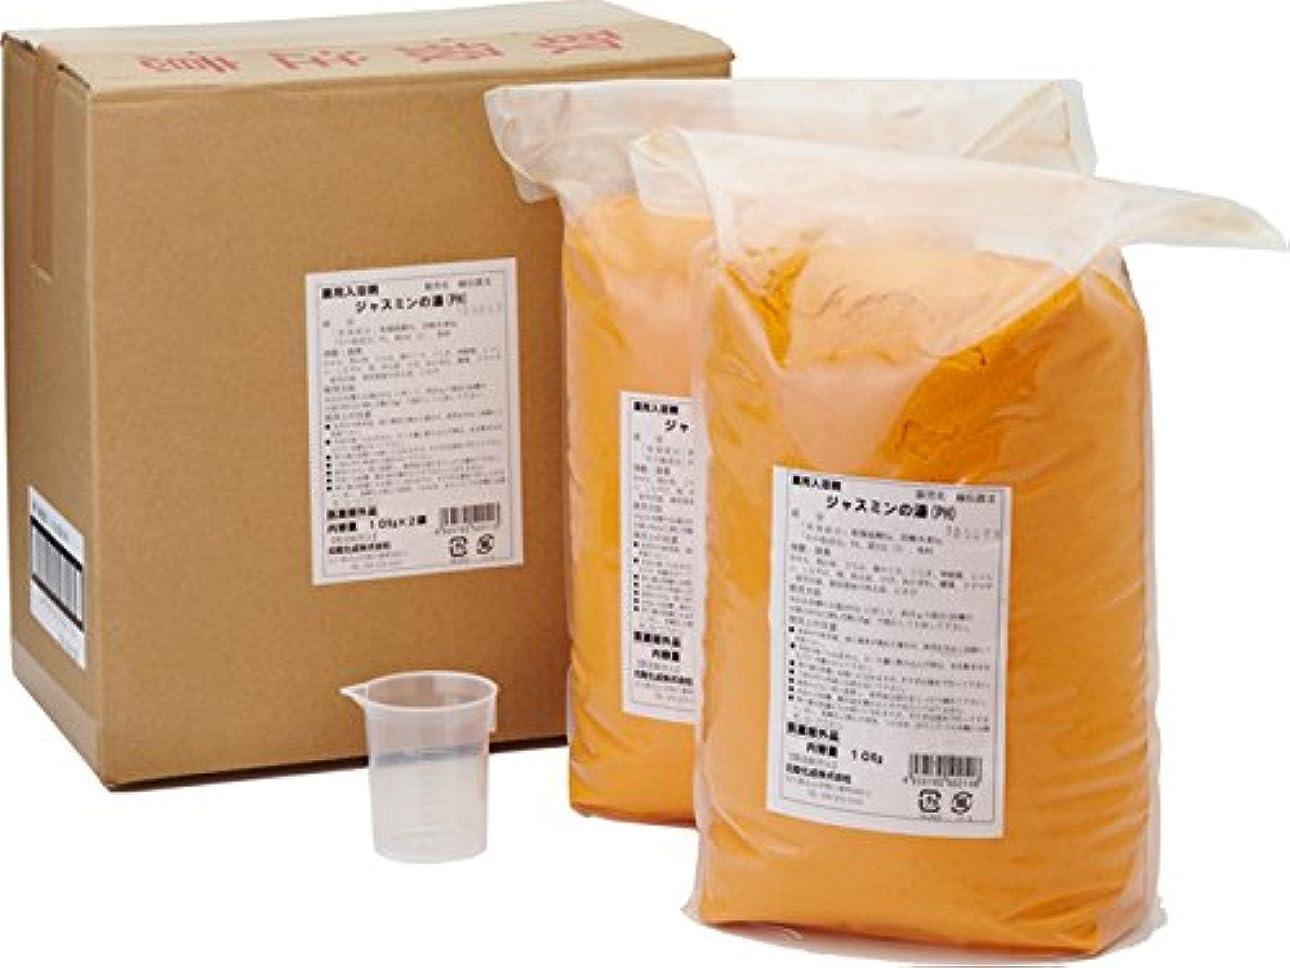 恥乱気流気候入浴剤 ジャスミンの湯 / 20kg(10kg×2) ケース